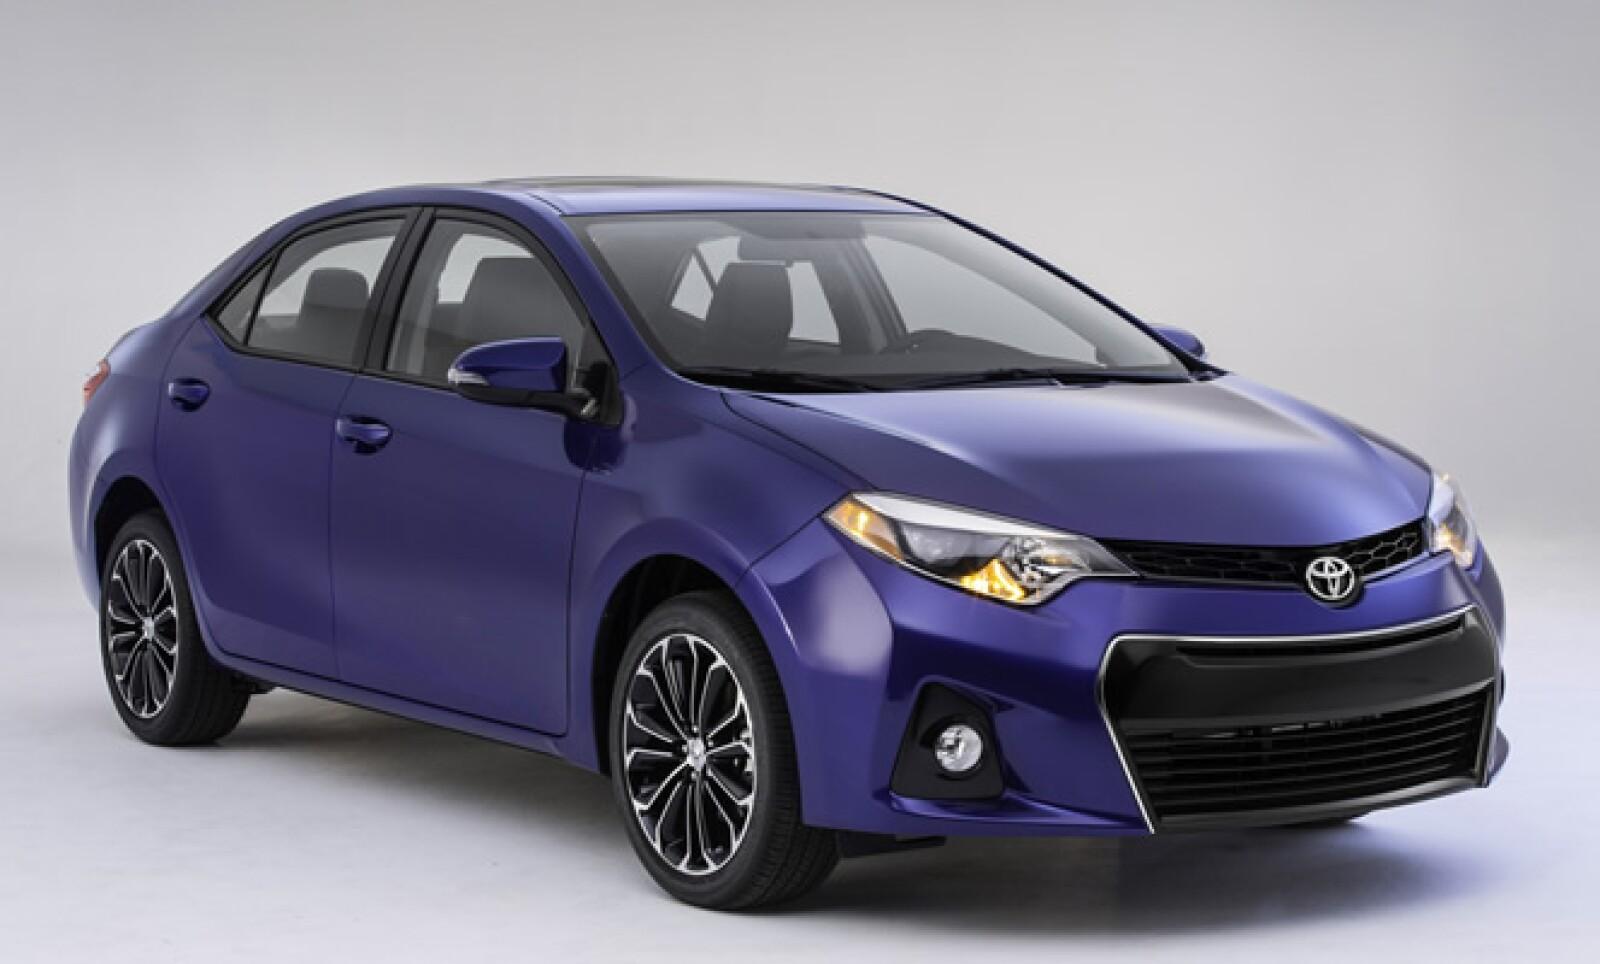 Toyota reveló la última generación de su modelo Corolla. La nueva versión espera atraer a conductores más jóvenes.